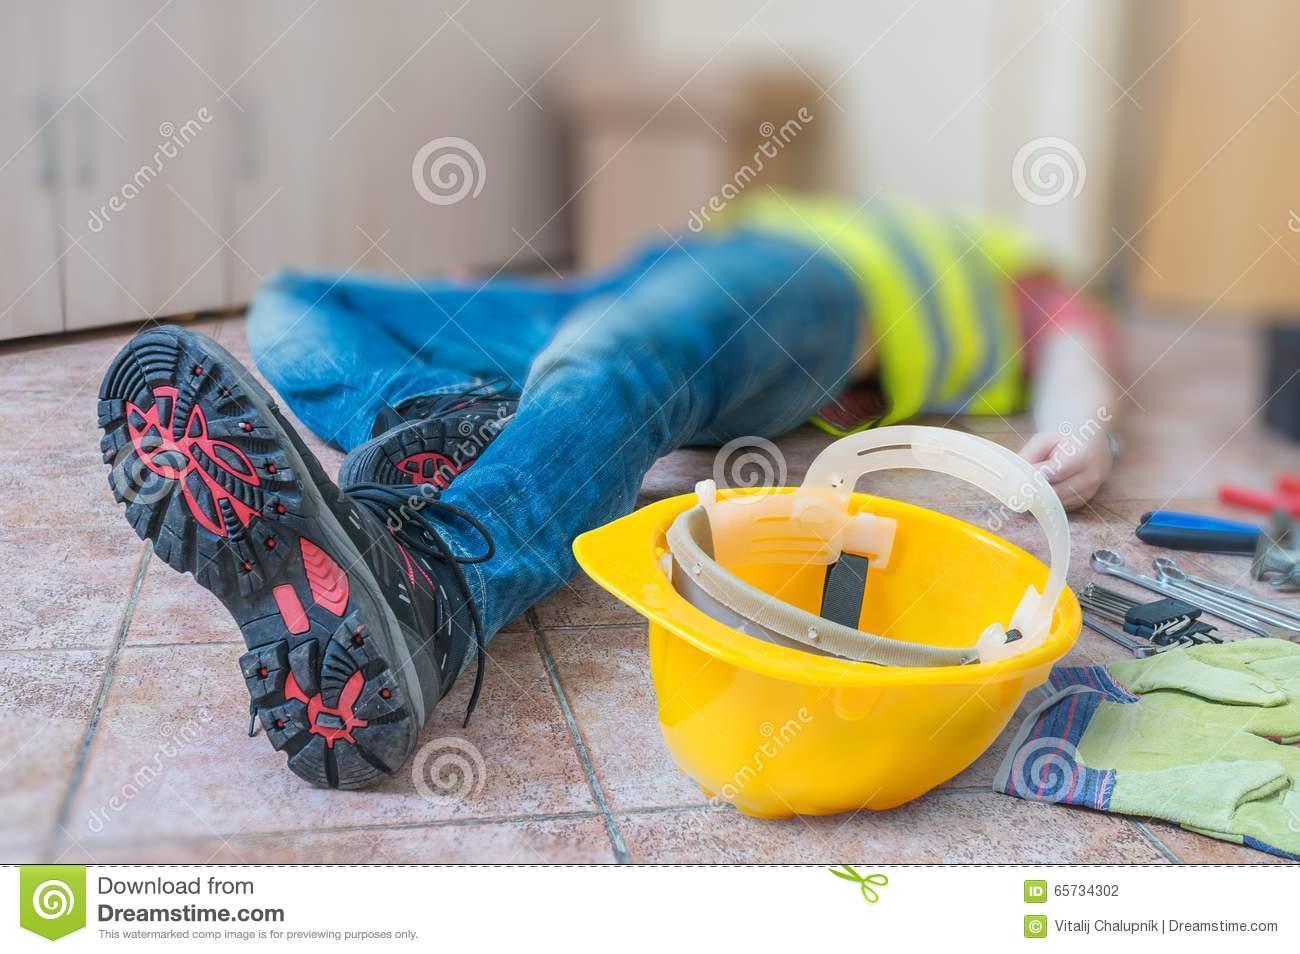 1913 cas d'accidents du travail ont été signalés en 2016, selon Assane Soumaré, directeur général de la Caisse de Sécurité Sociale